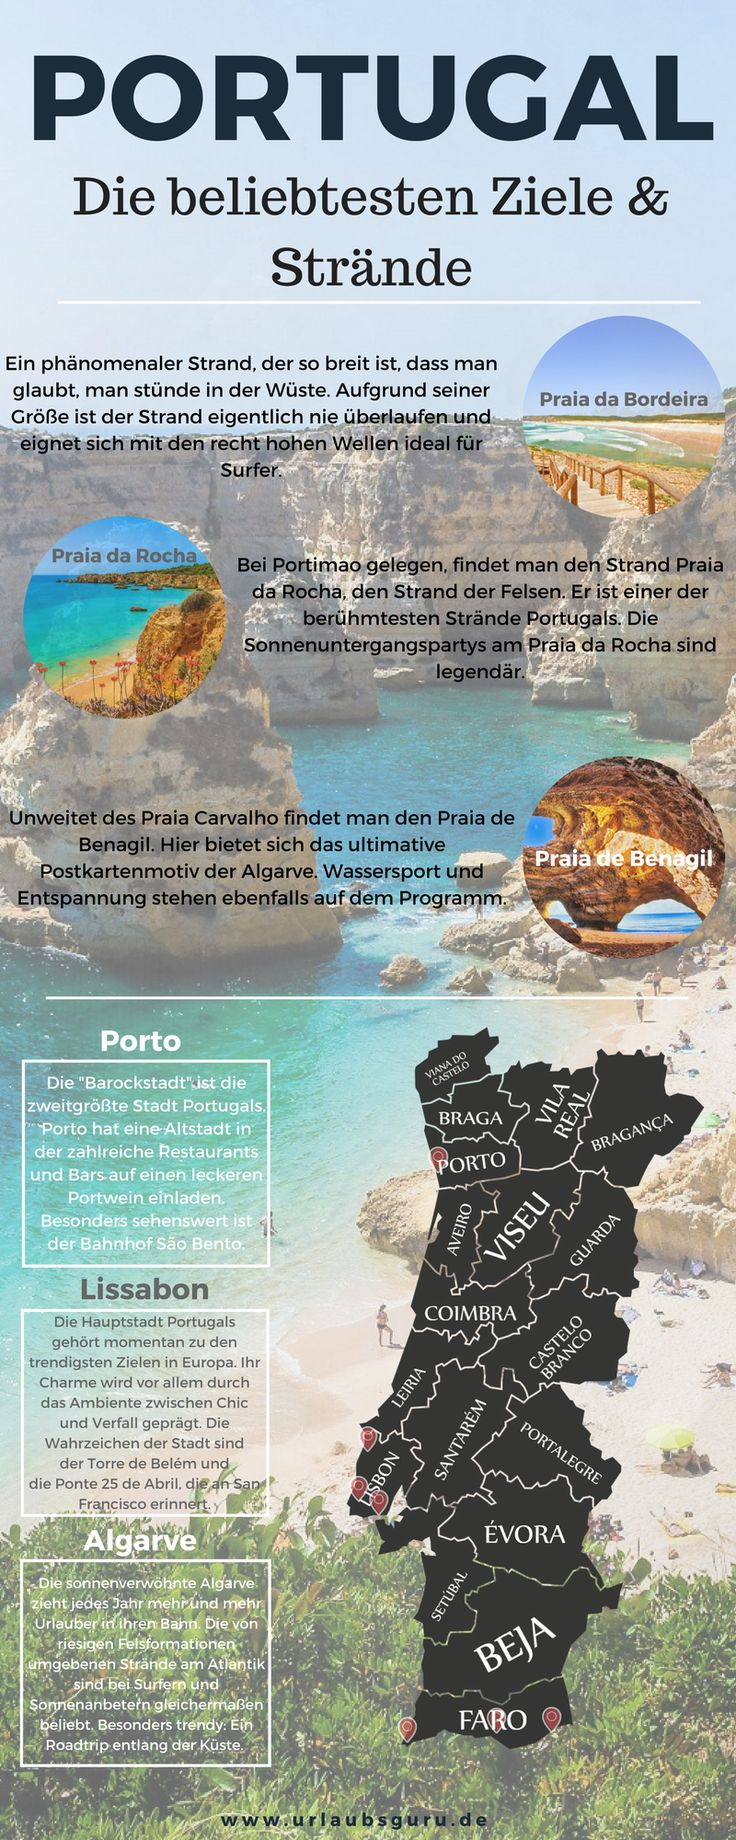 Portugal ist eines der beliebtesten Ziele in diesem Jahr. Ob eine Städtetour durch Lissabon oder Porto oder ein Roadtrip an der Algarve - mit meinen Portugal Tipps seid ihr optimal auf euren Urlaub vorbereitet.